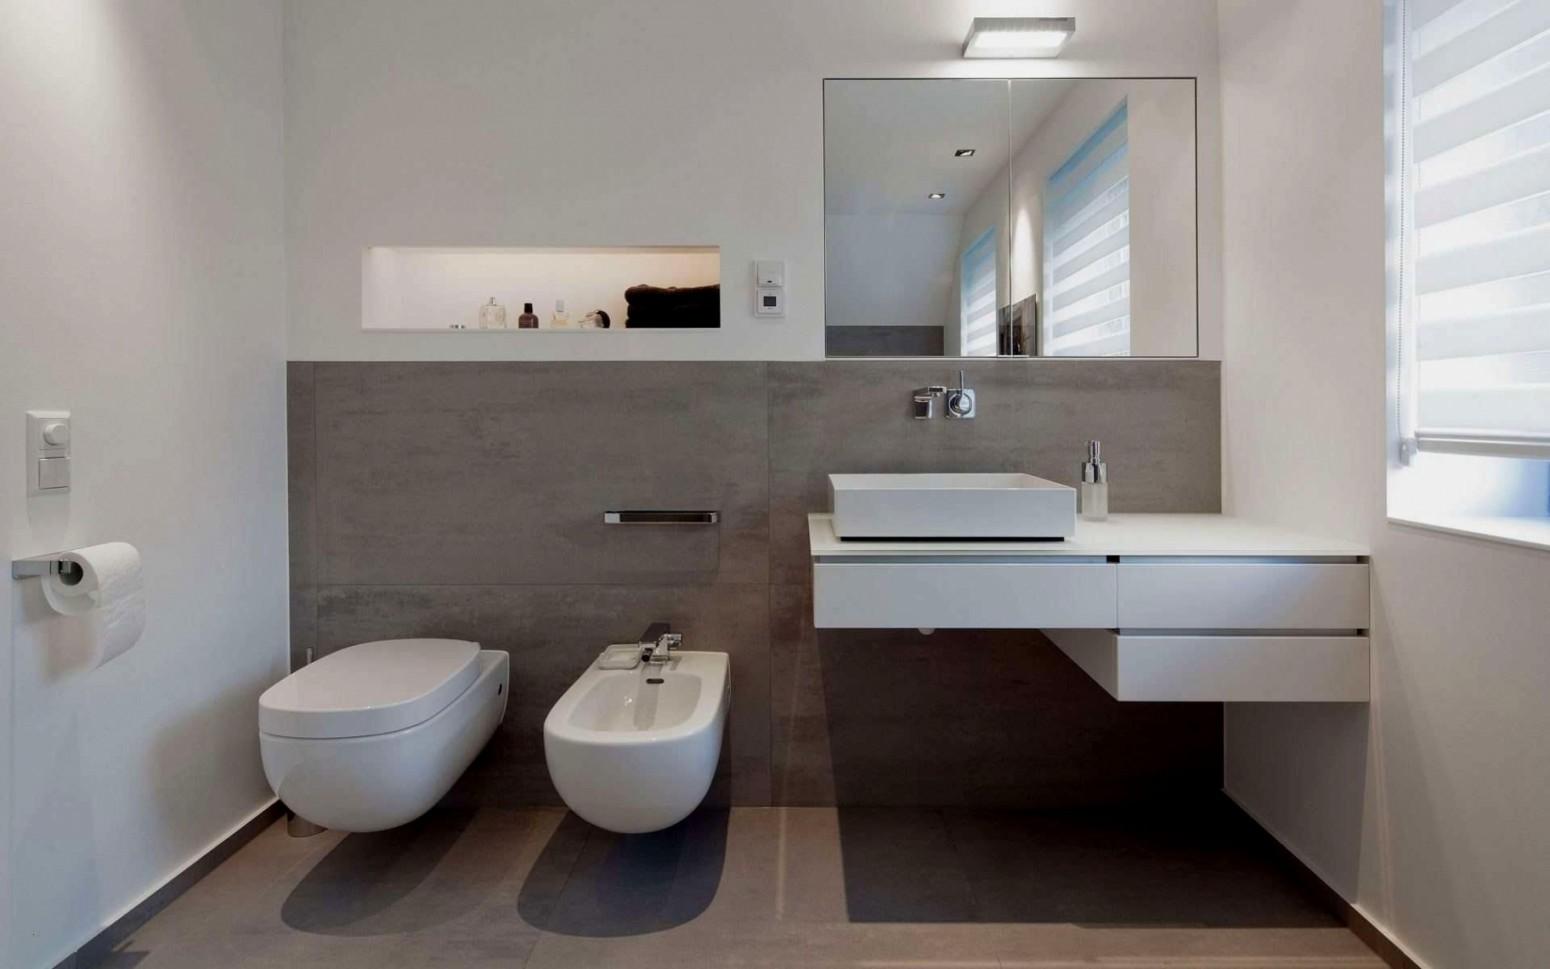 Badezimmer Gestalten Schwarz Weiß  Badezimmer Fliesen Ideen von Badezimmer Fliesen Ideen Schwarz Weiß Photo